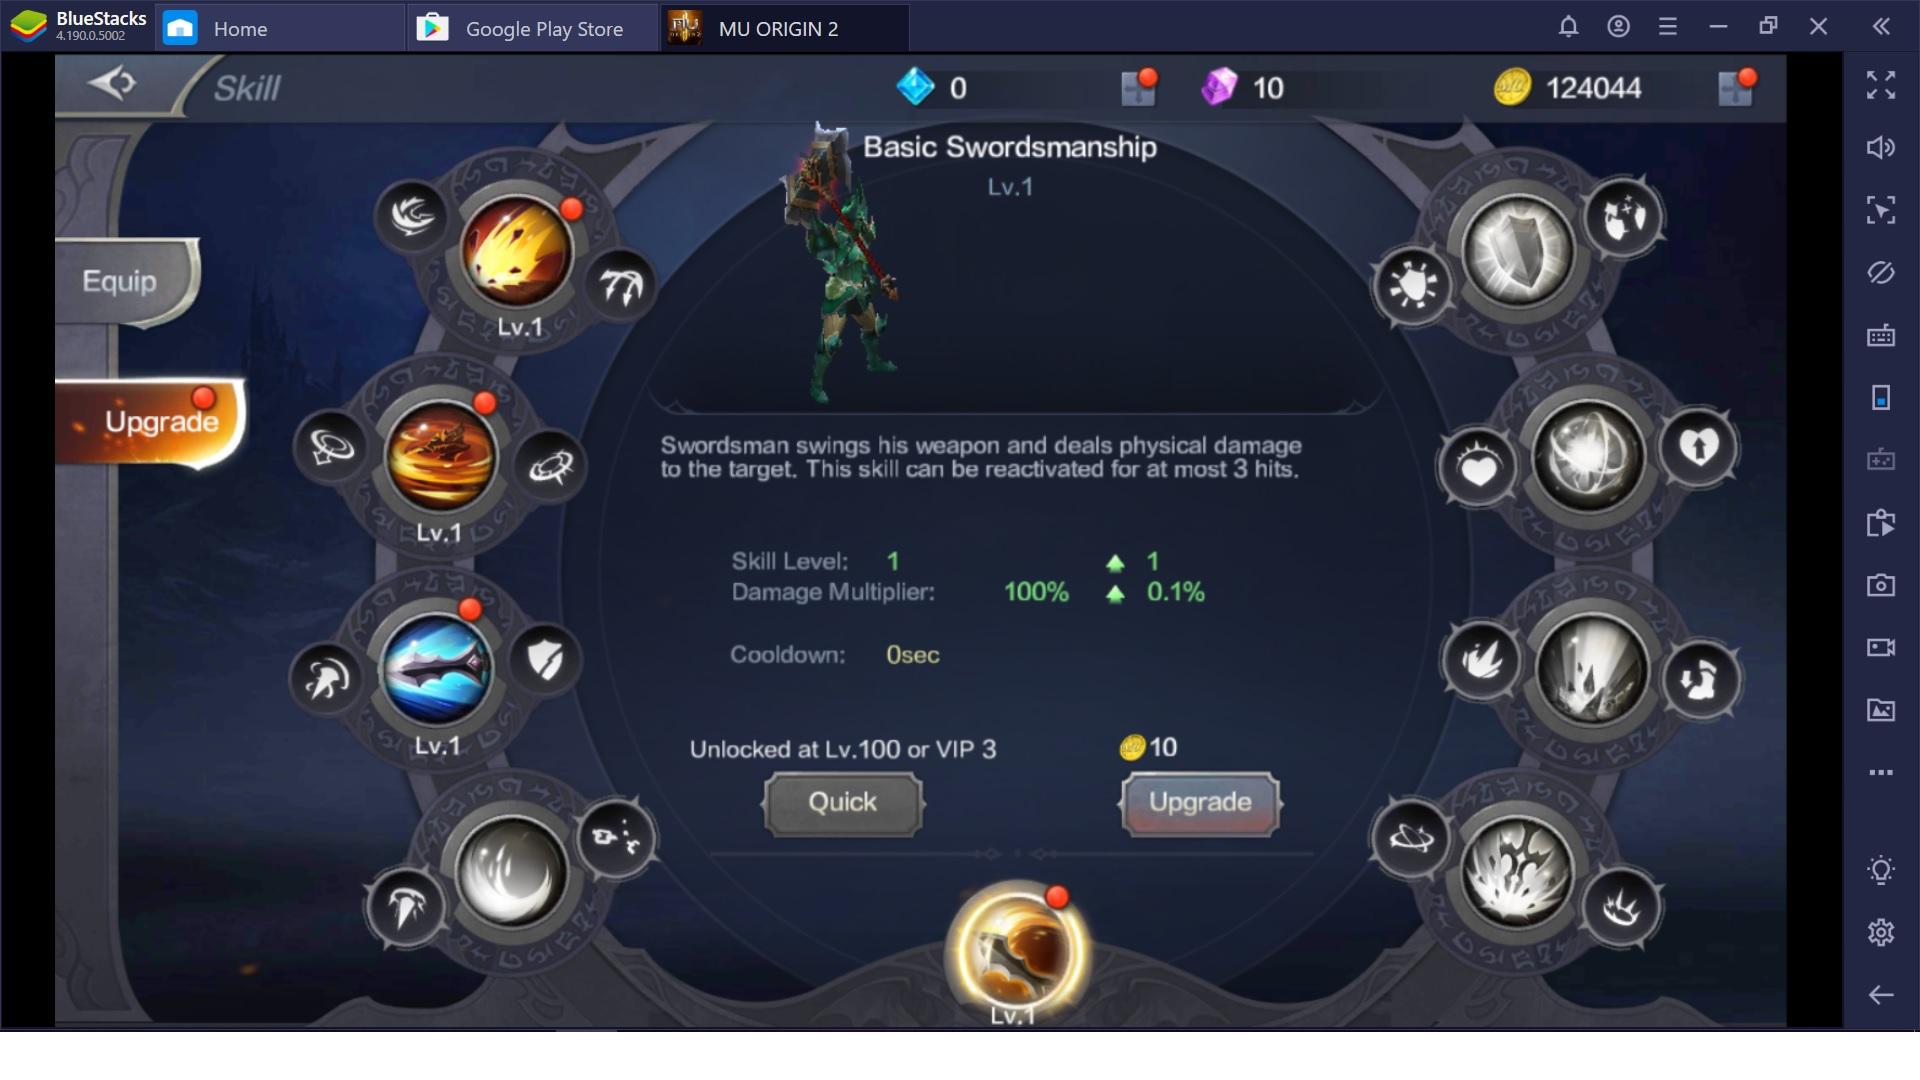 MU Origin 2 เทคนิคลับแบบฉบับผู้เล่นใหม่